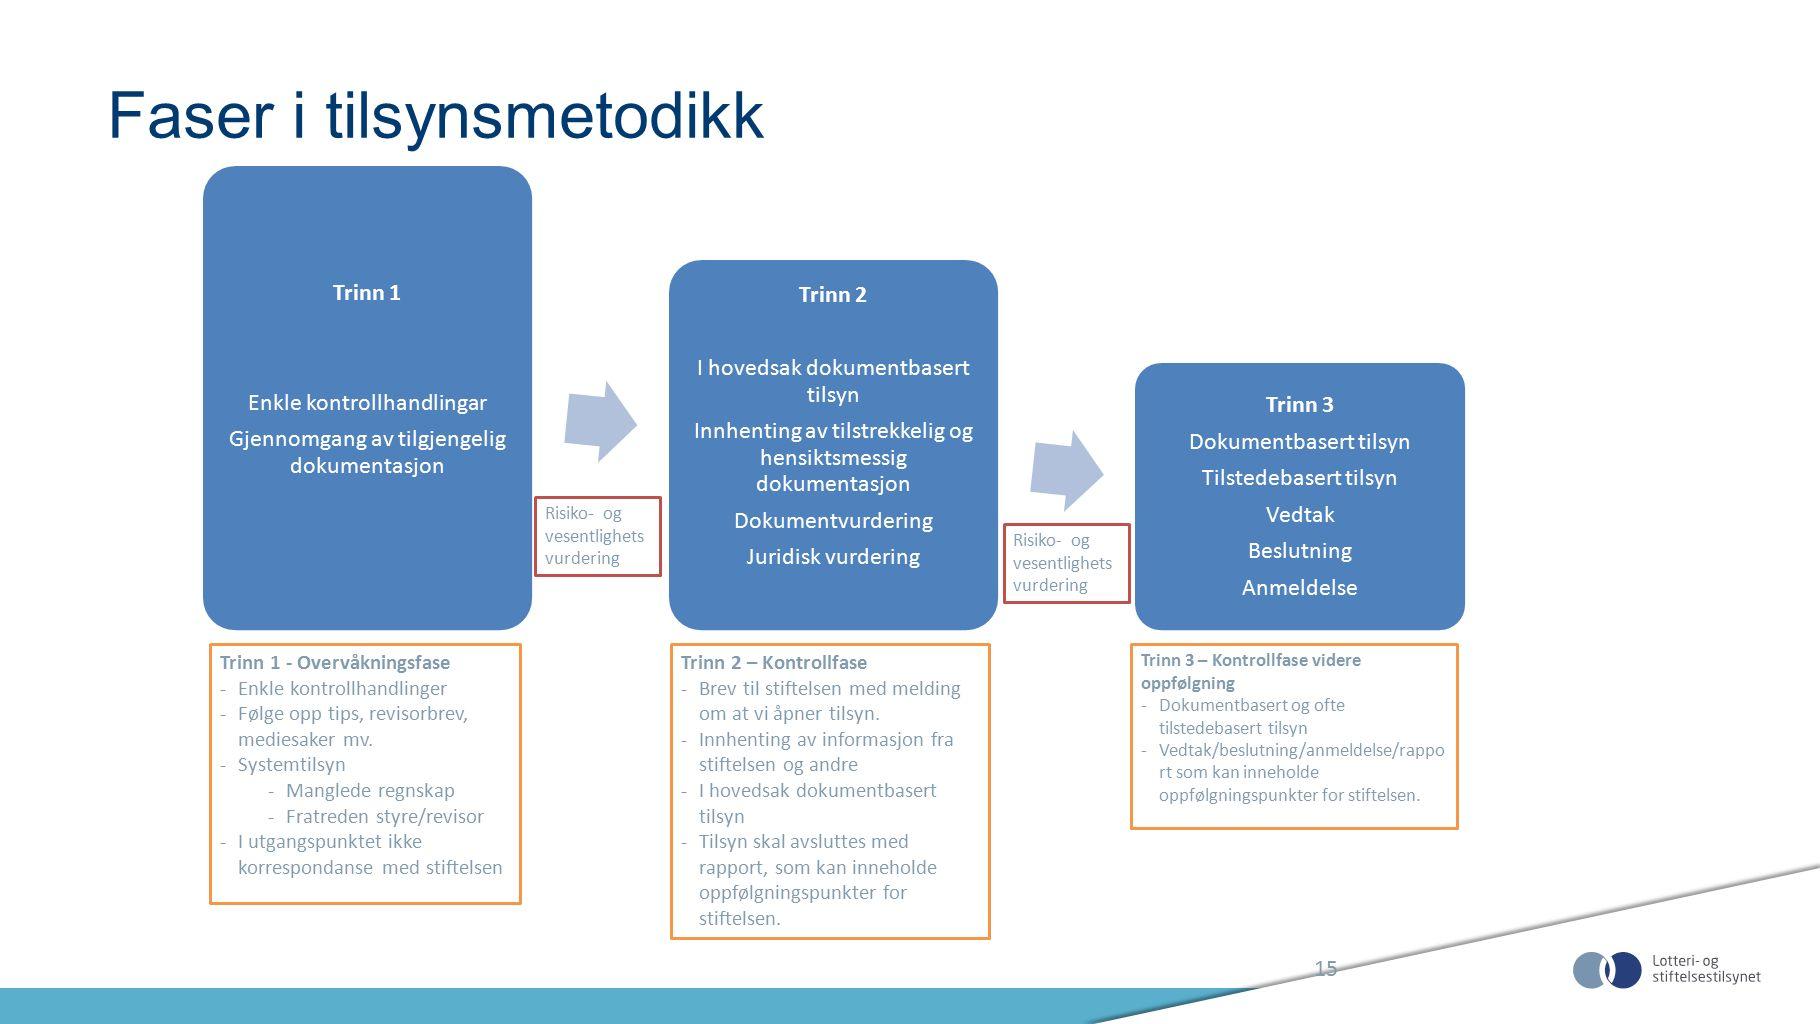 Faser i tilsynsmetodikk 15 Trinn 1 Enkle kontrollhandlingar Gjennomgang av tilgjengelig dokumentasjon Trinn 2 I hovedsak dokumentbasert tilsyn Innhent